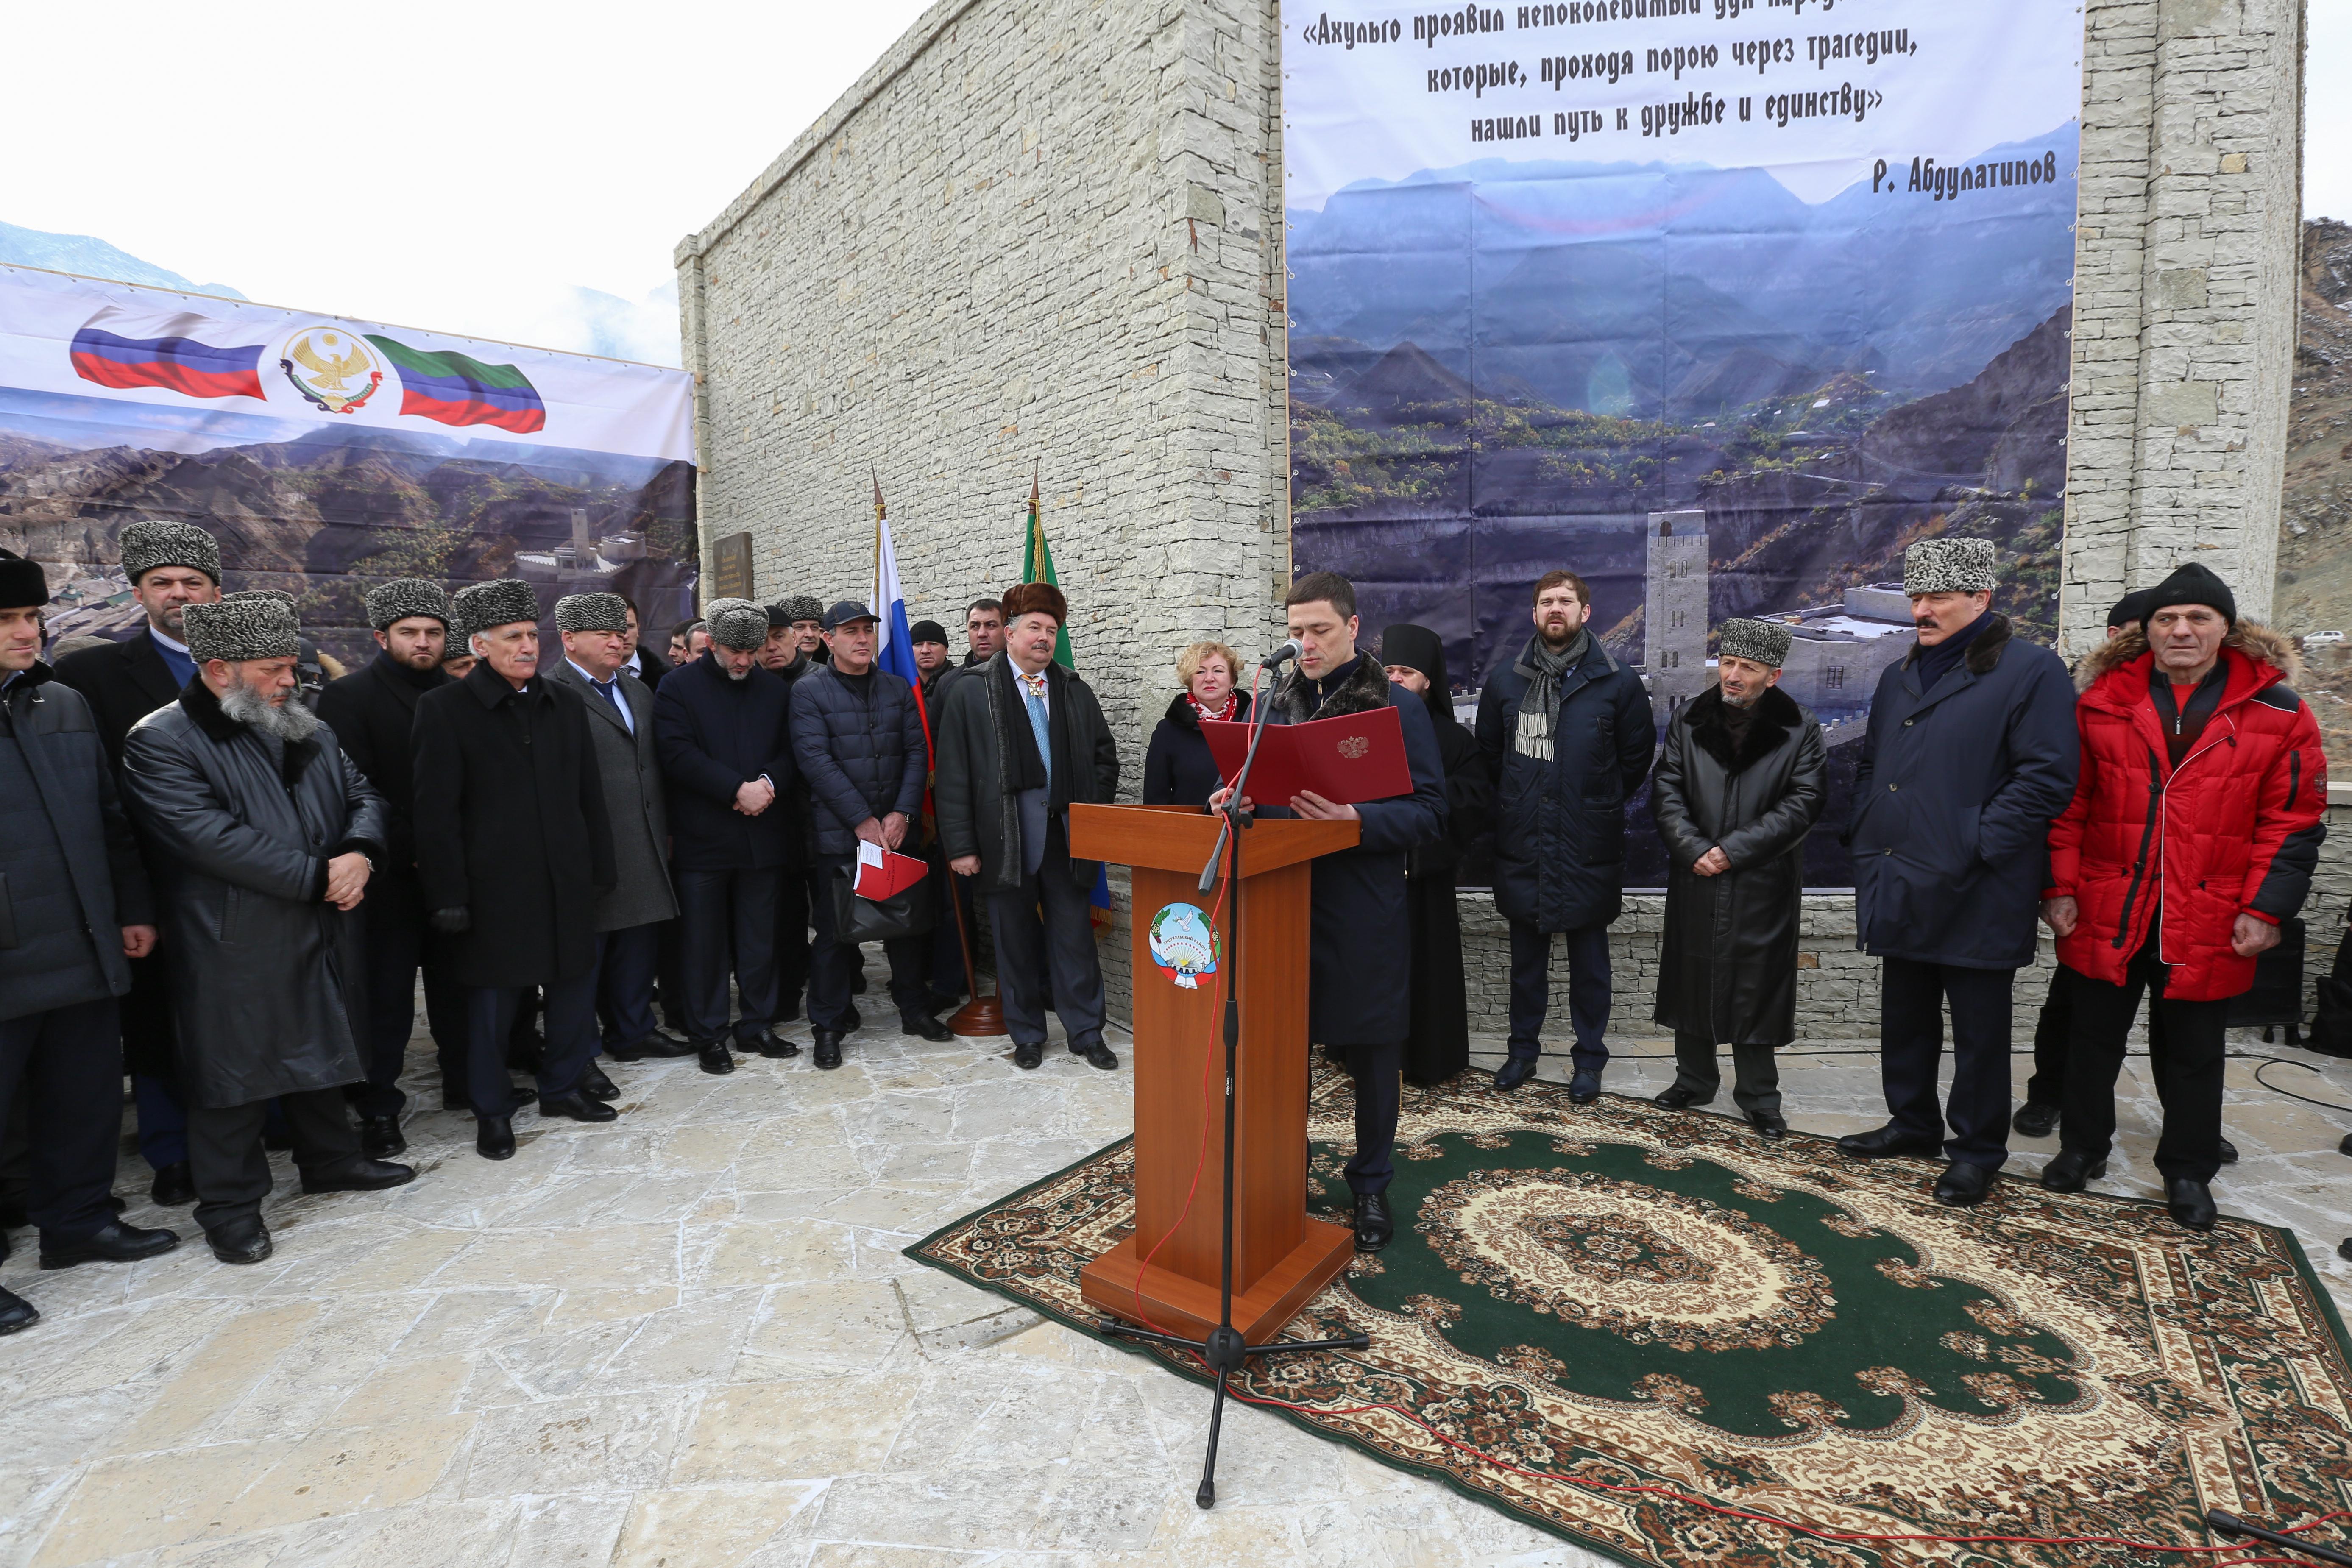 Путин: мемориал «Ахульго» – свидетельство необходимости поддержания народного единства